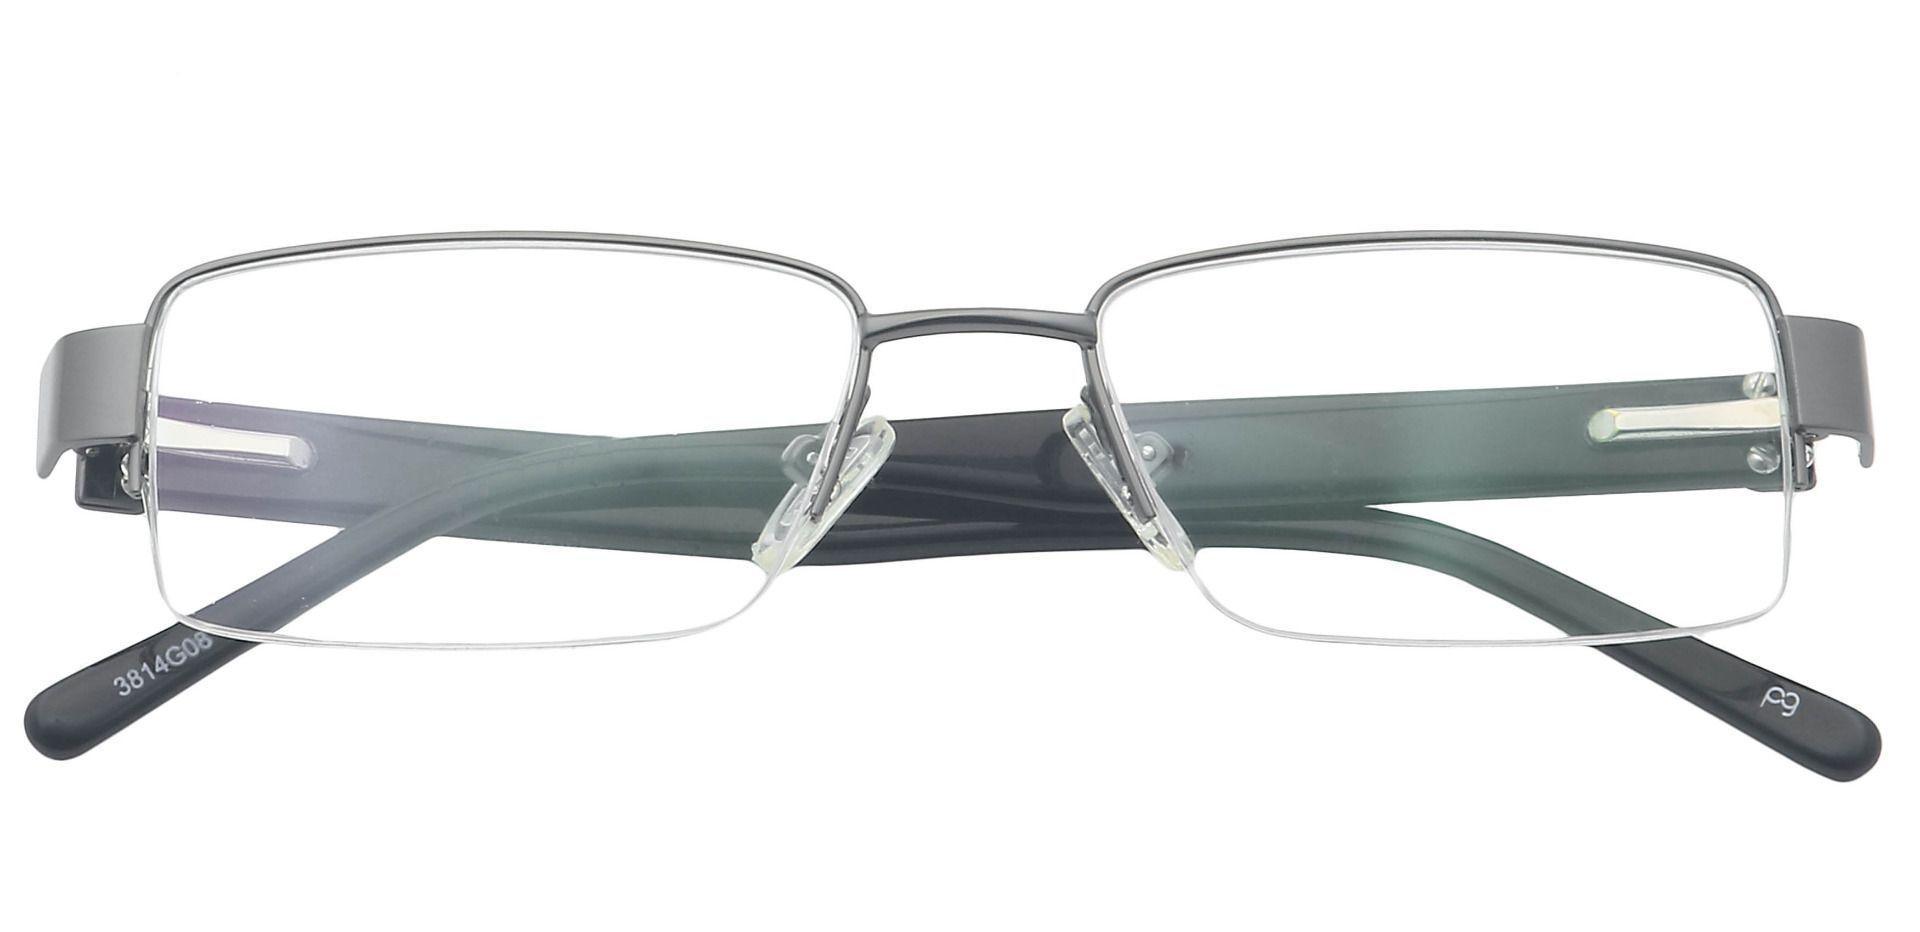 Roger Rectangle Blue Light Blocking Glasses - Gray